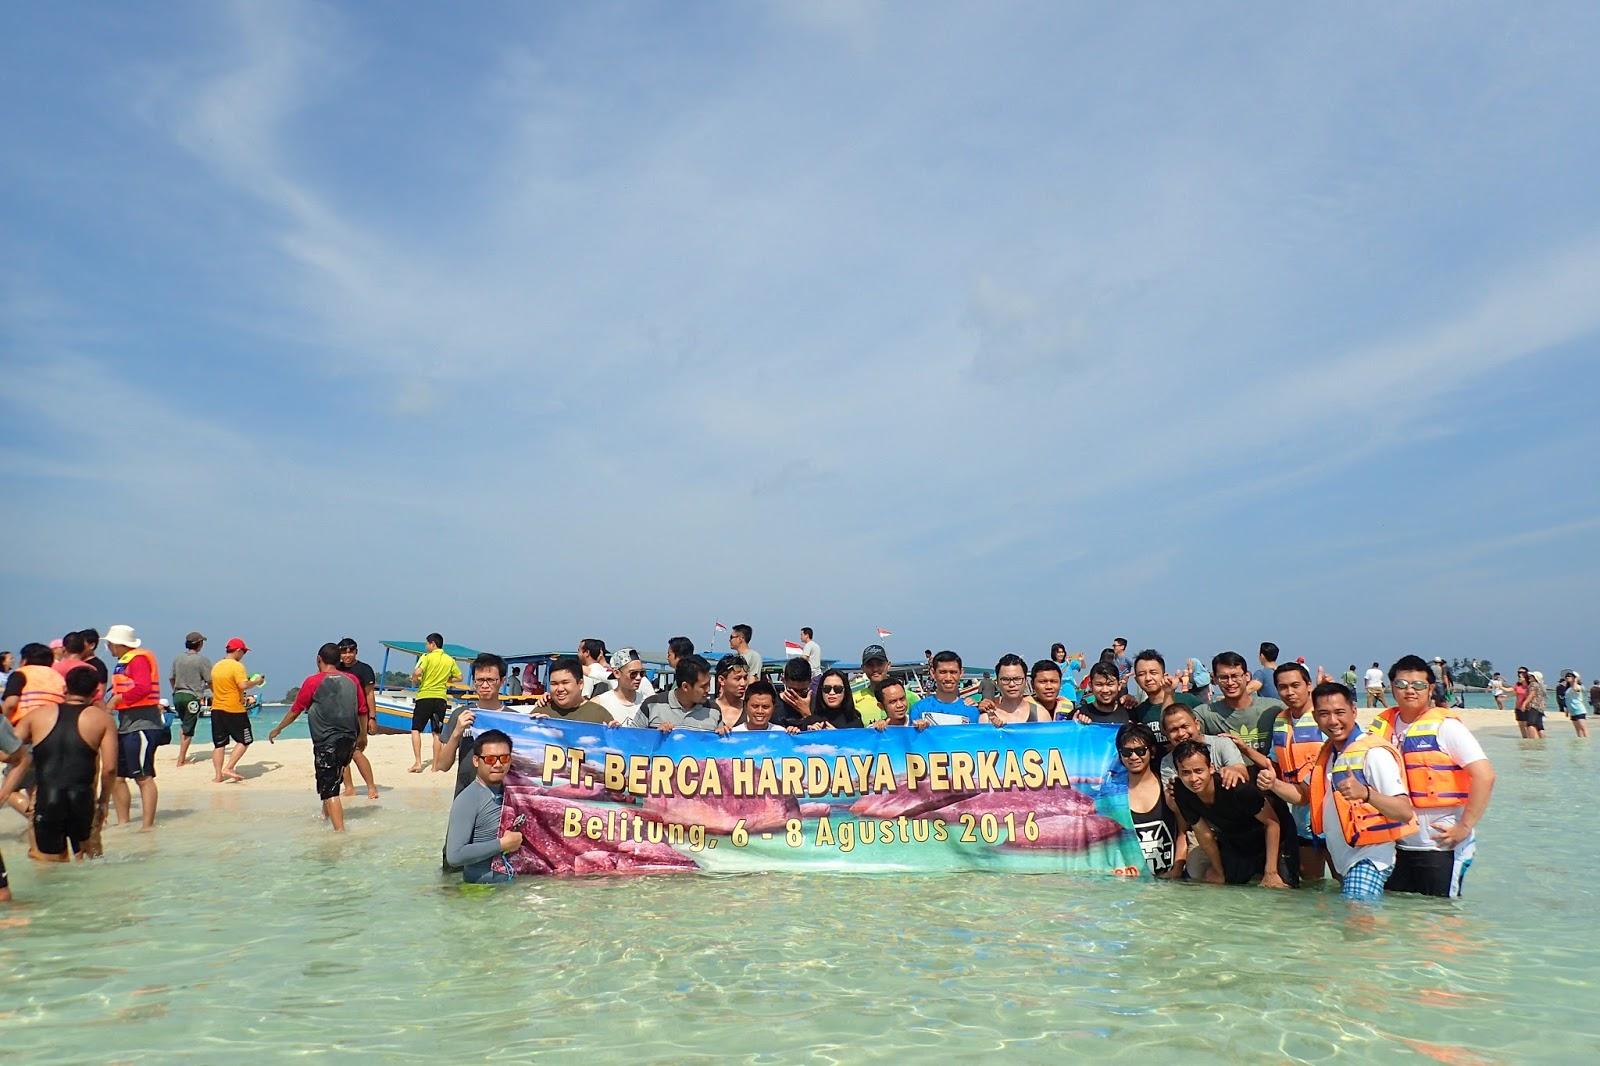 Informasi Propinsi Kepulauan Bangka Belitung | Belitung Guide